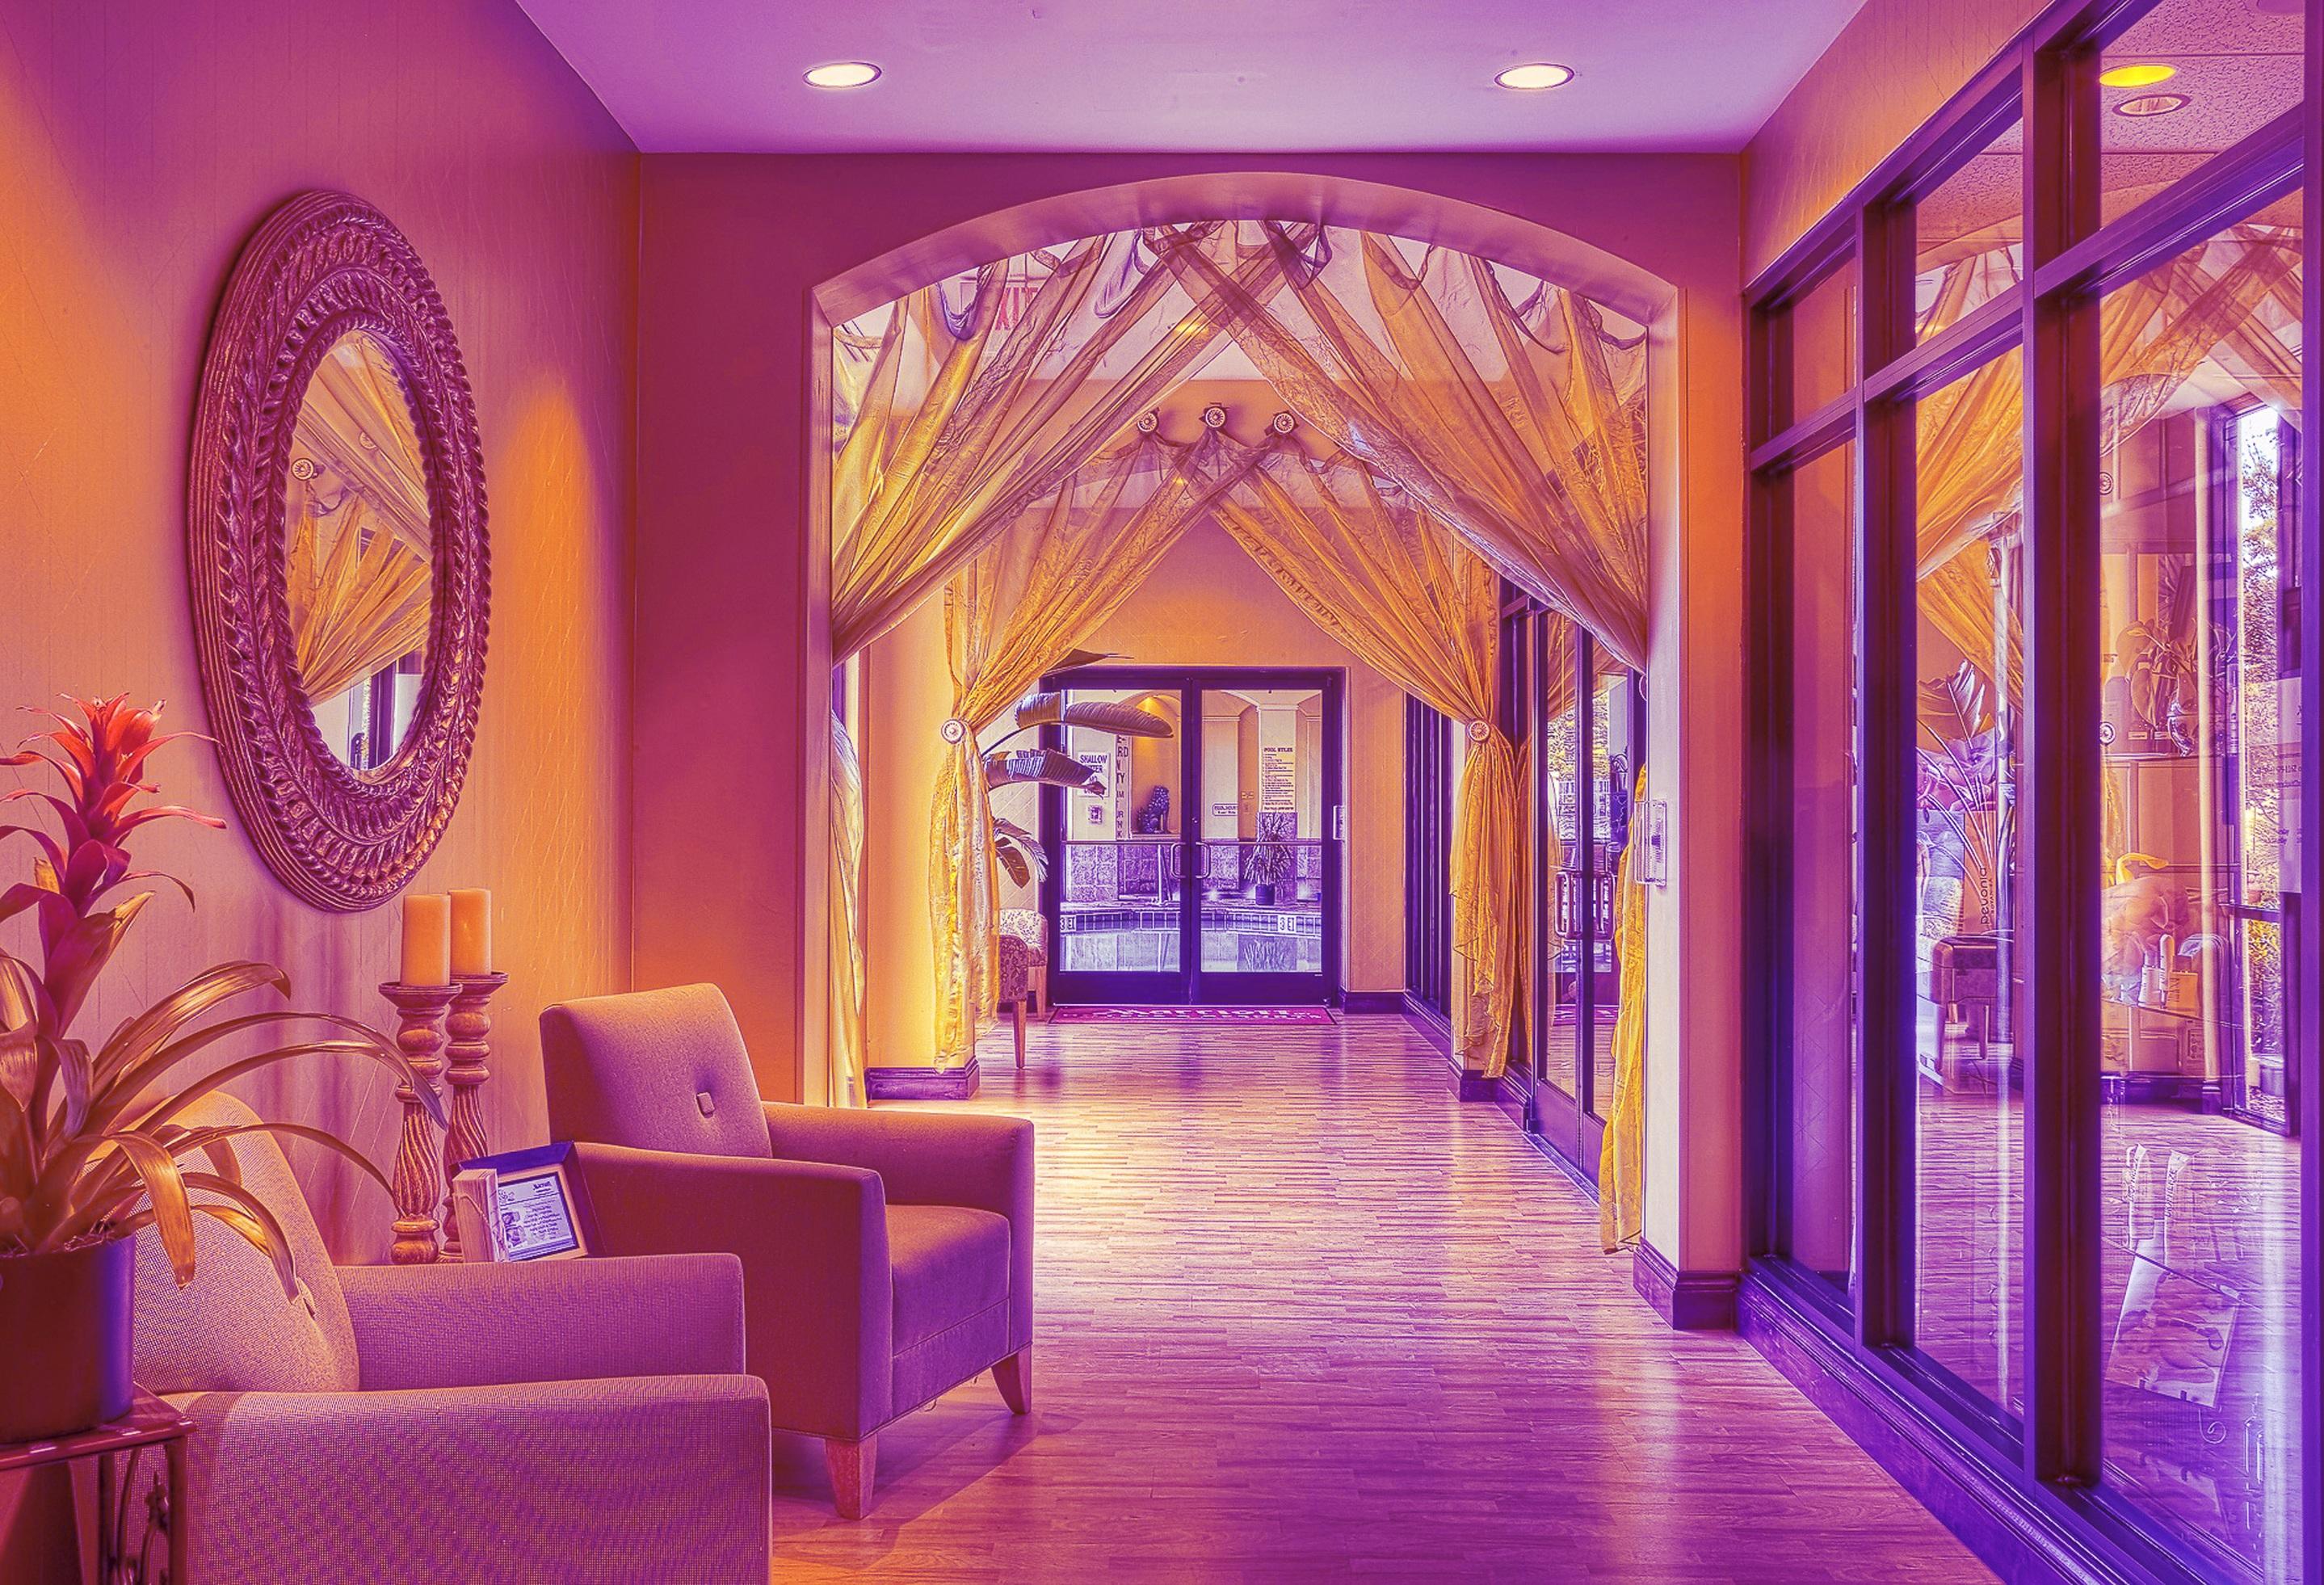 Fotos gratis palacio techo sala interior habitaci n - Diseno de interiores gratis ...